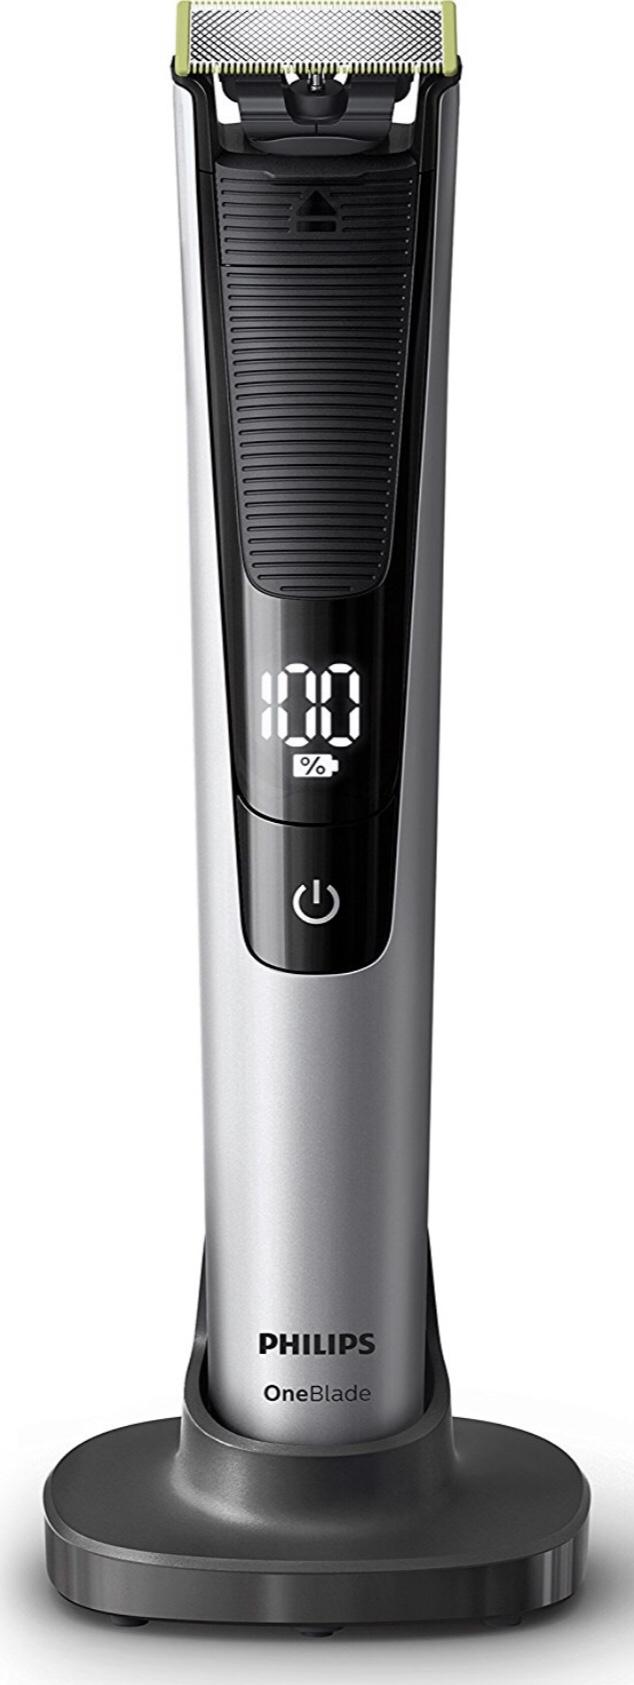 Philips OneBlade Pro Hybrid-Styler QP6520/30, mit 1 Präzisionstrimmer, 14 Längeneinstellungen